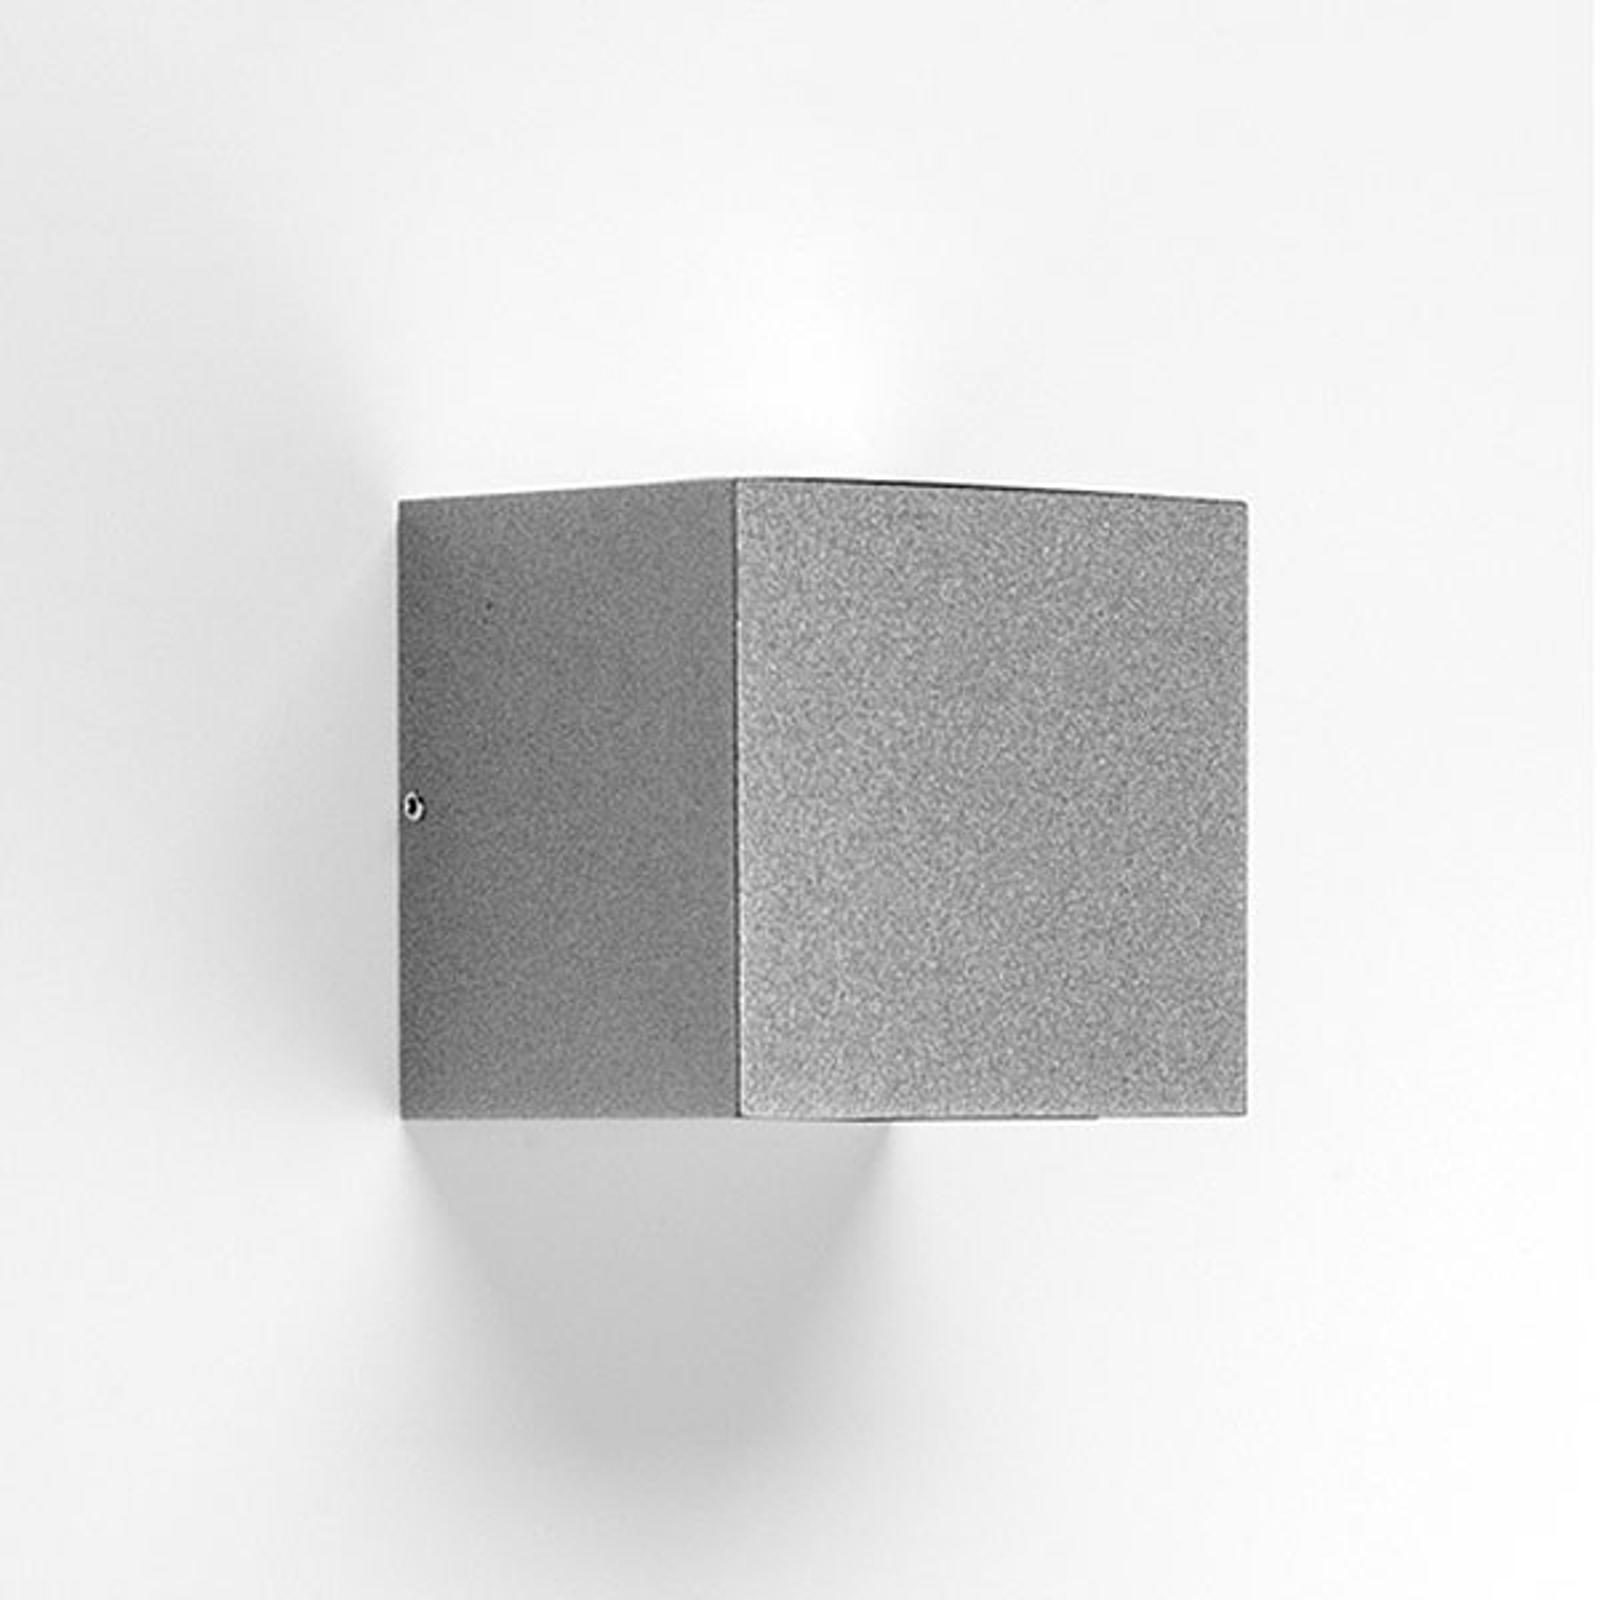 LED-vegglampe 303348 i grå, 4WB 3000K